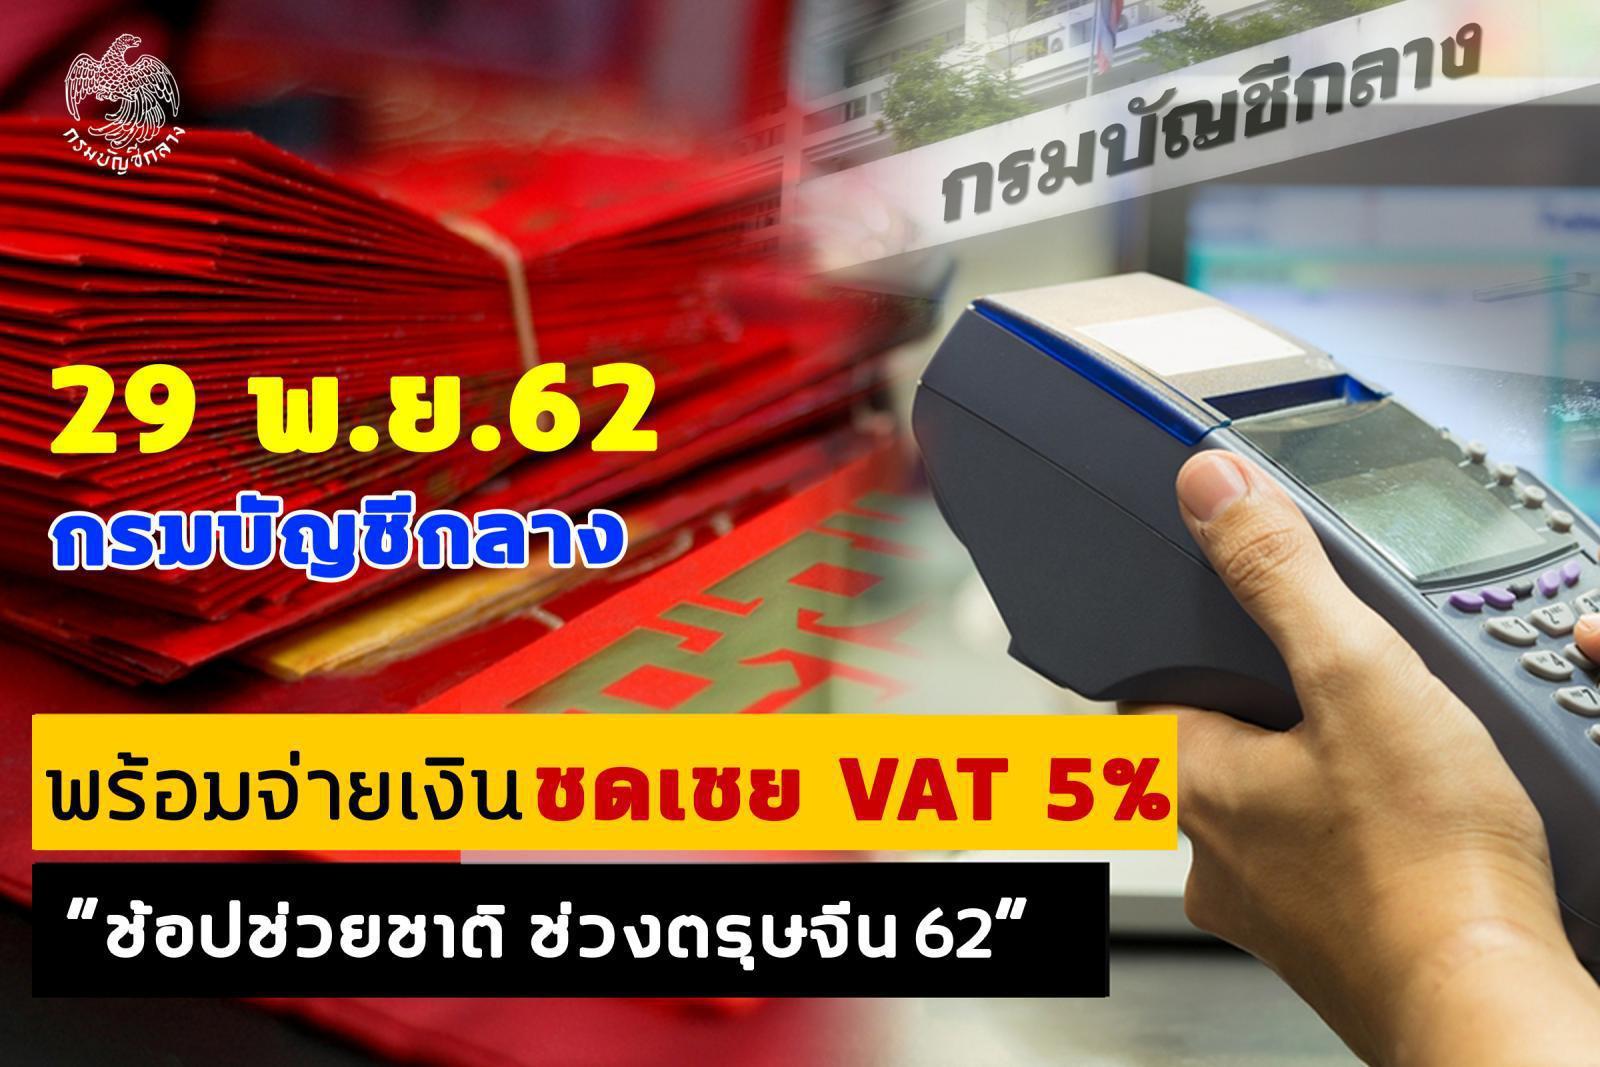 กรมบัญชีกลางคืนเงินชดเชย VAT 5% เกือบ 7 พันคน 29 พ.ย.